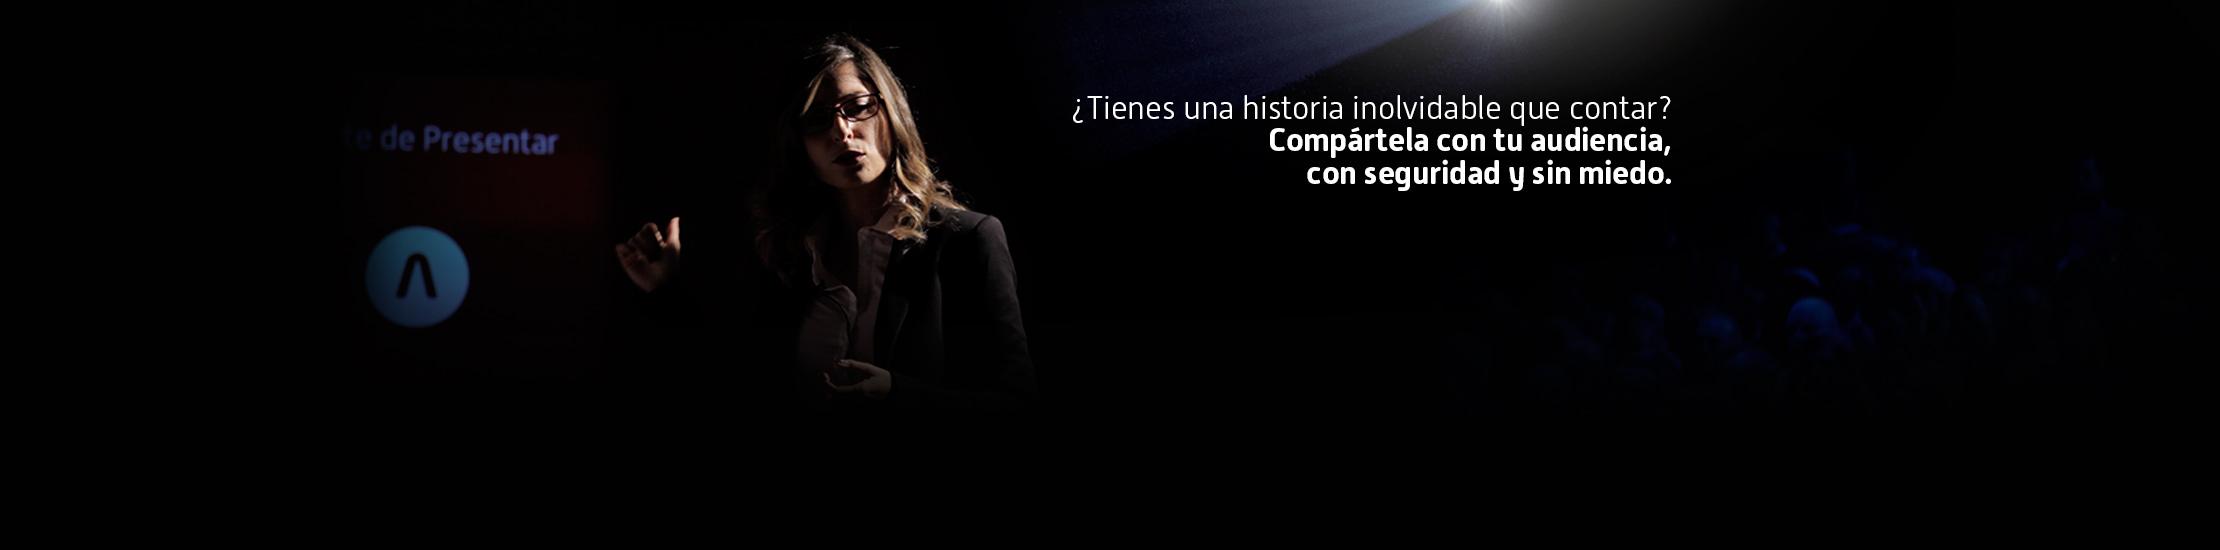 slider_nosotros